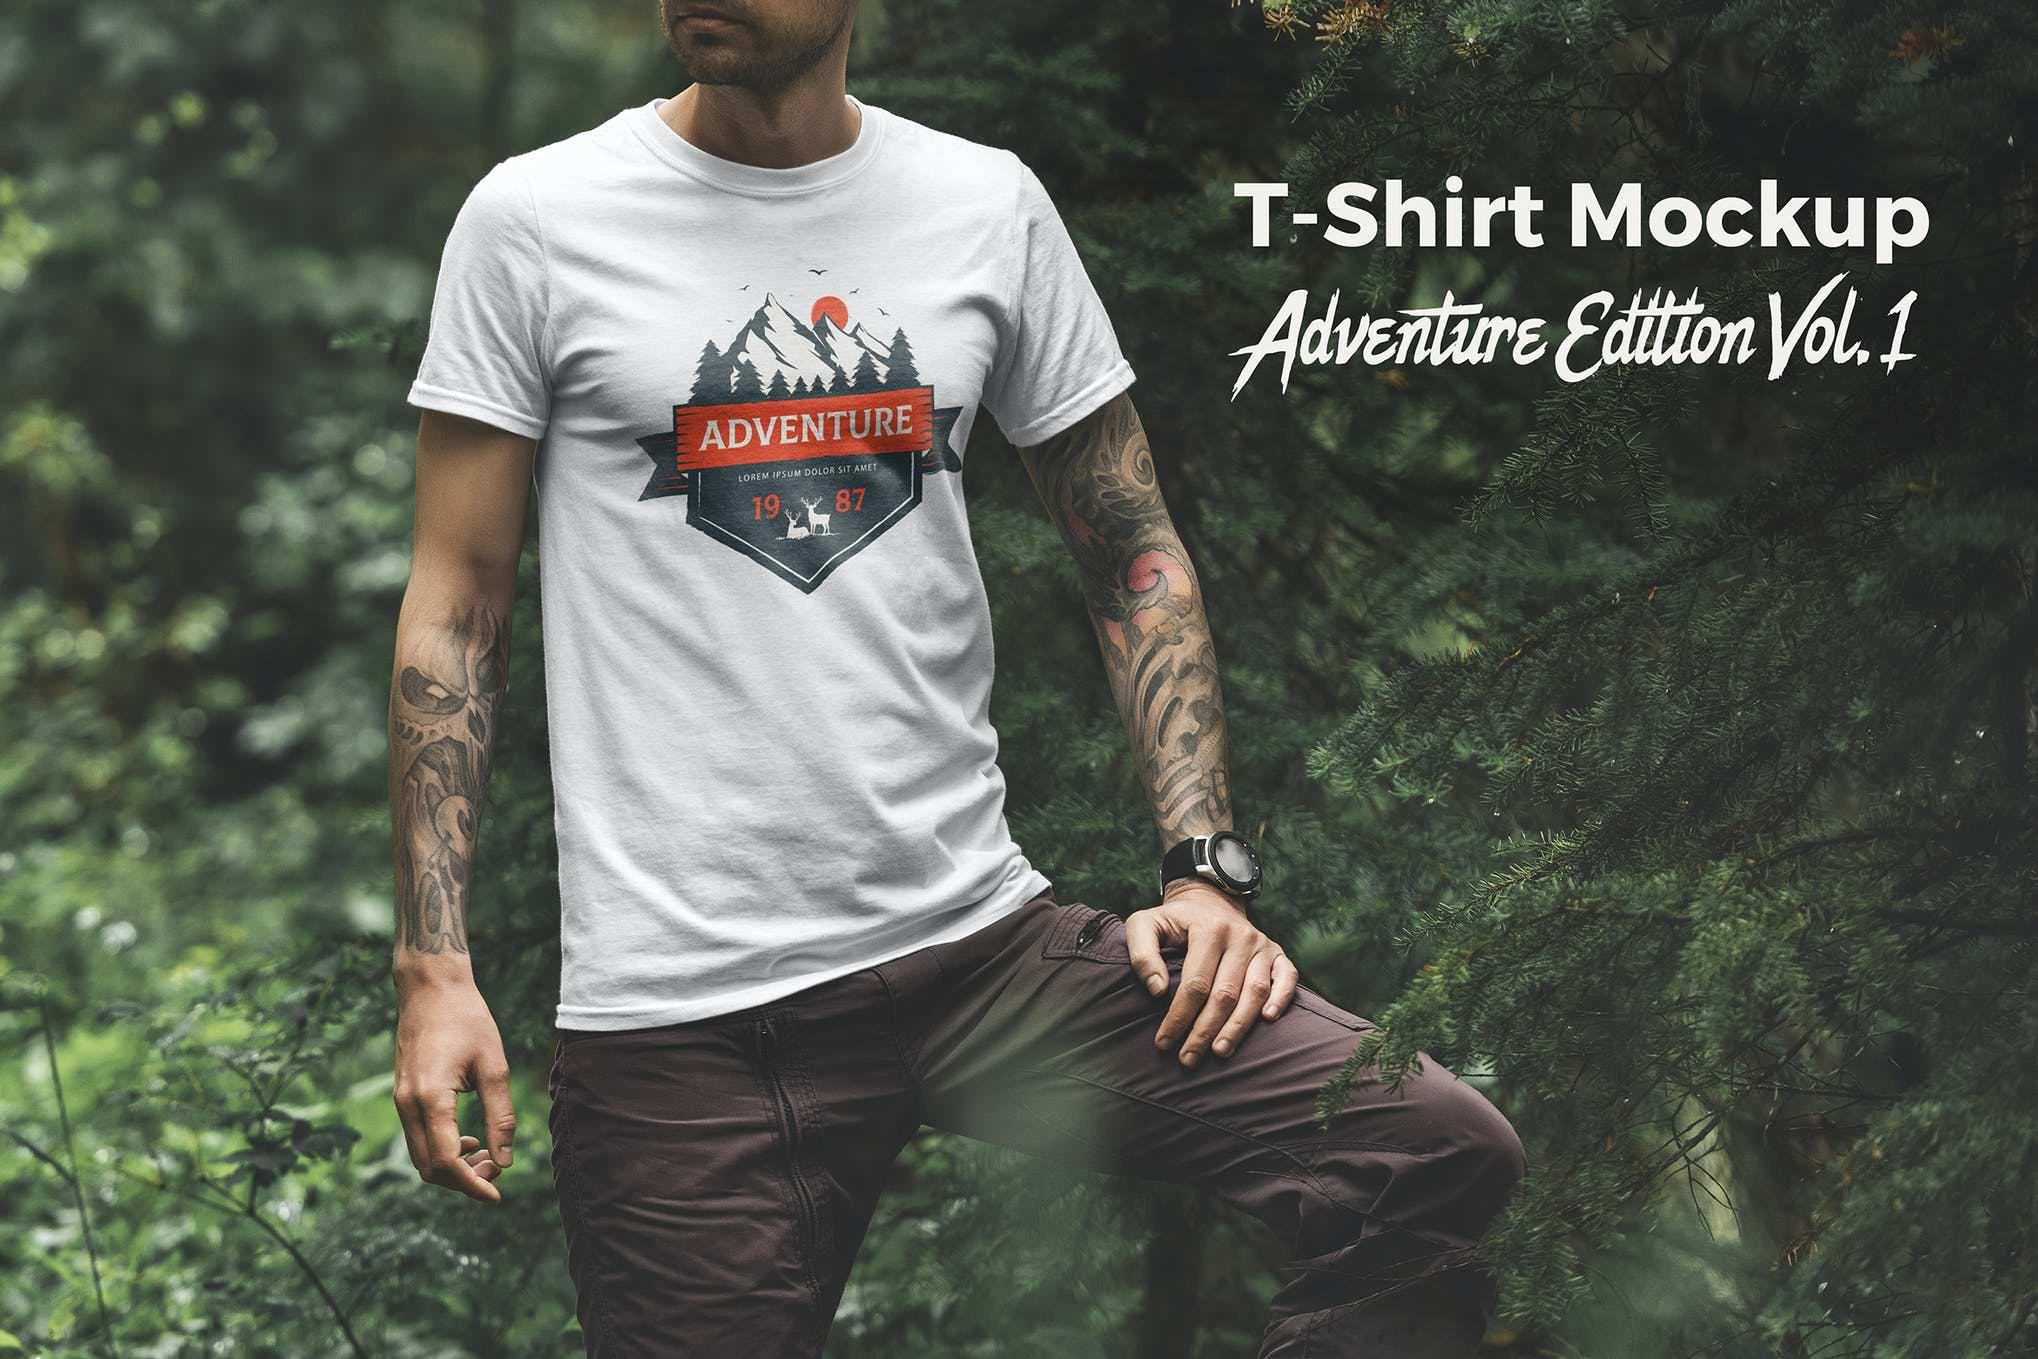 狂野自然风格短袖T恤衫套装